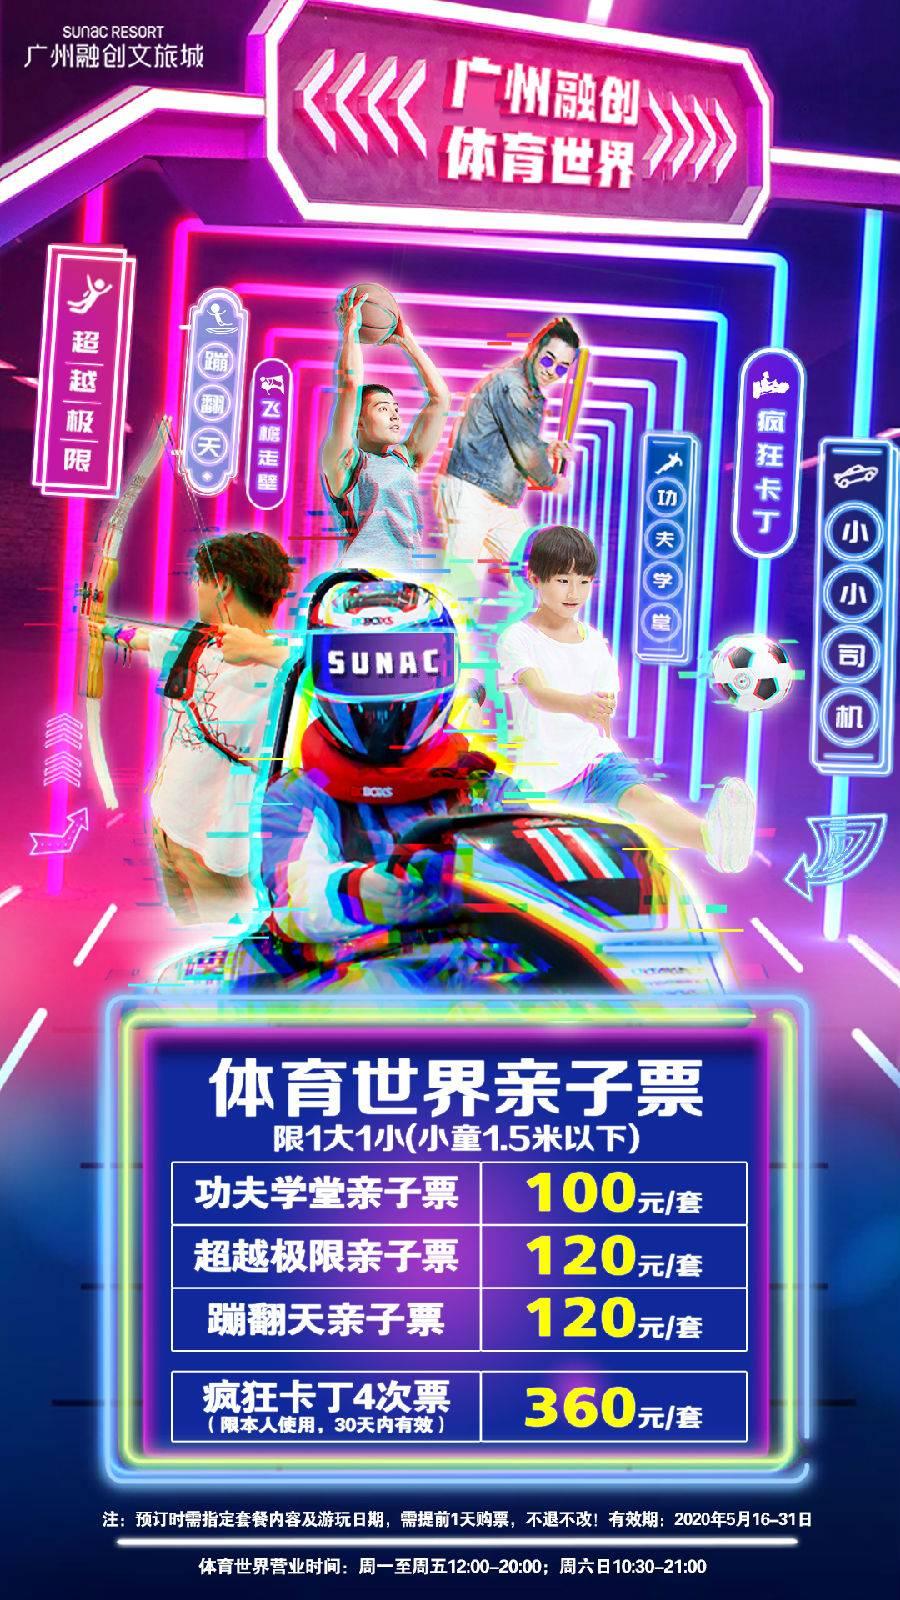 广州融创体育世界超越极限亲子票(提前一天,指定日期预订,有效期至5月31日)